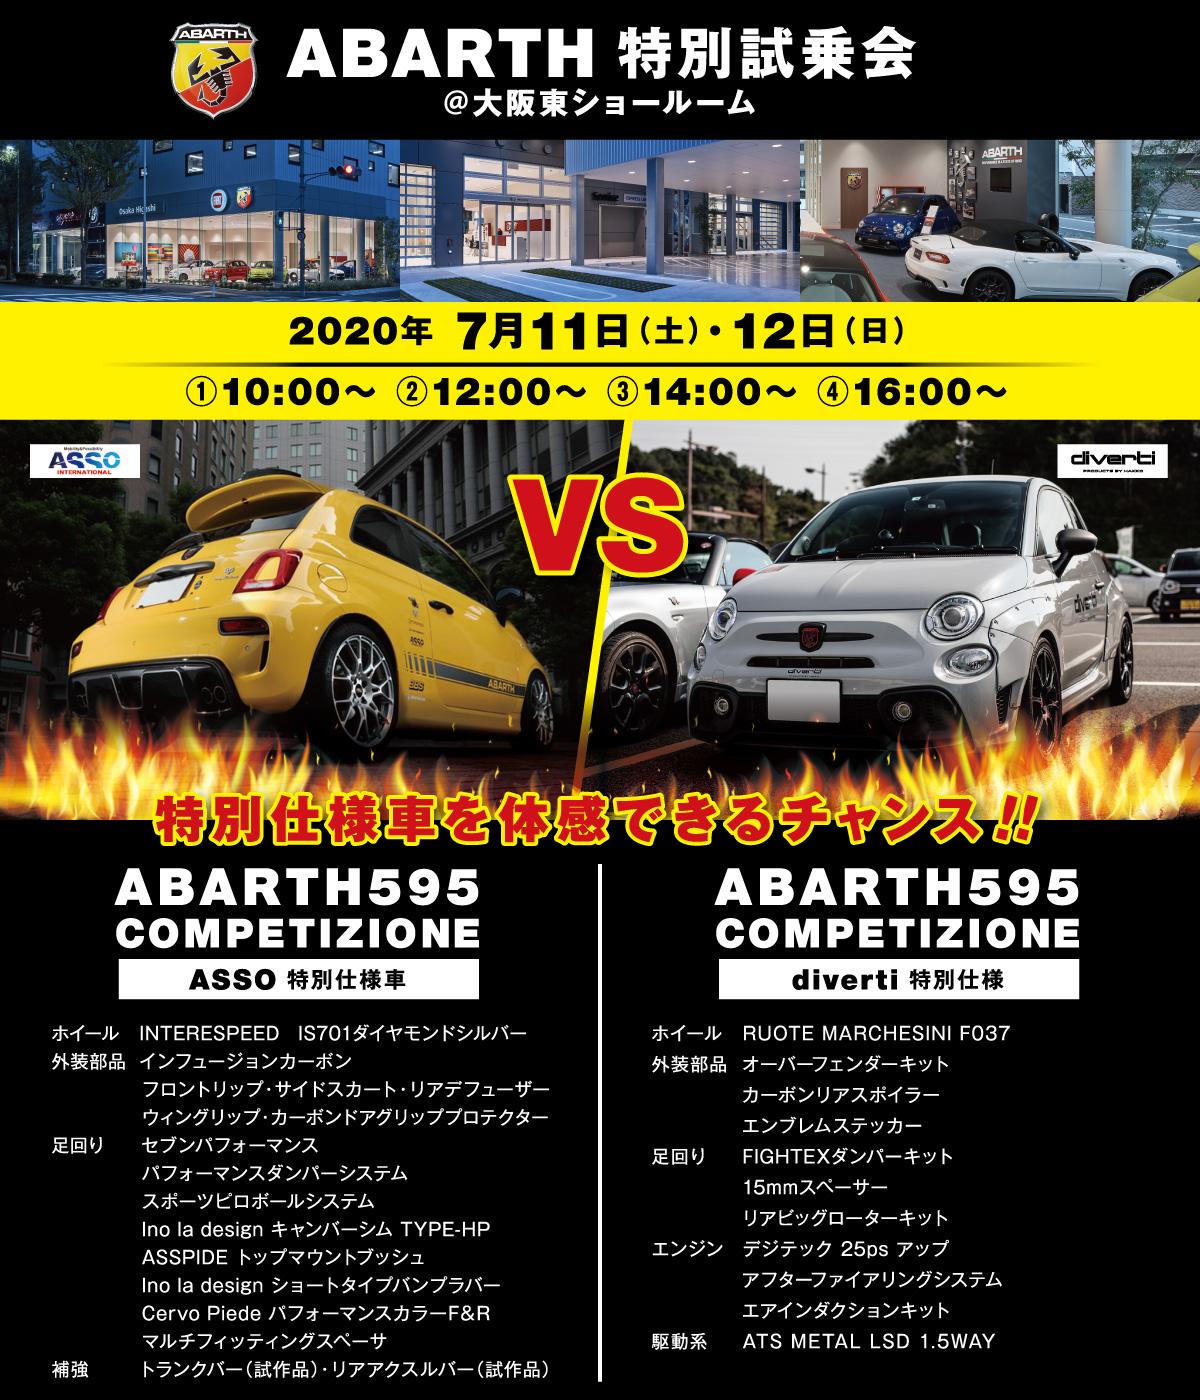 200615_Abarth_OSAKAHIGASHI_TESTDRIVE_1200